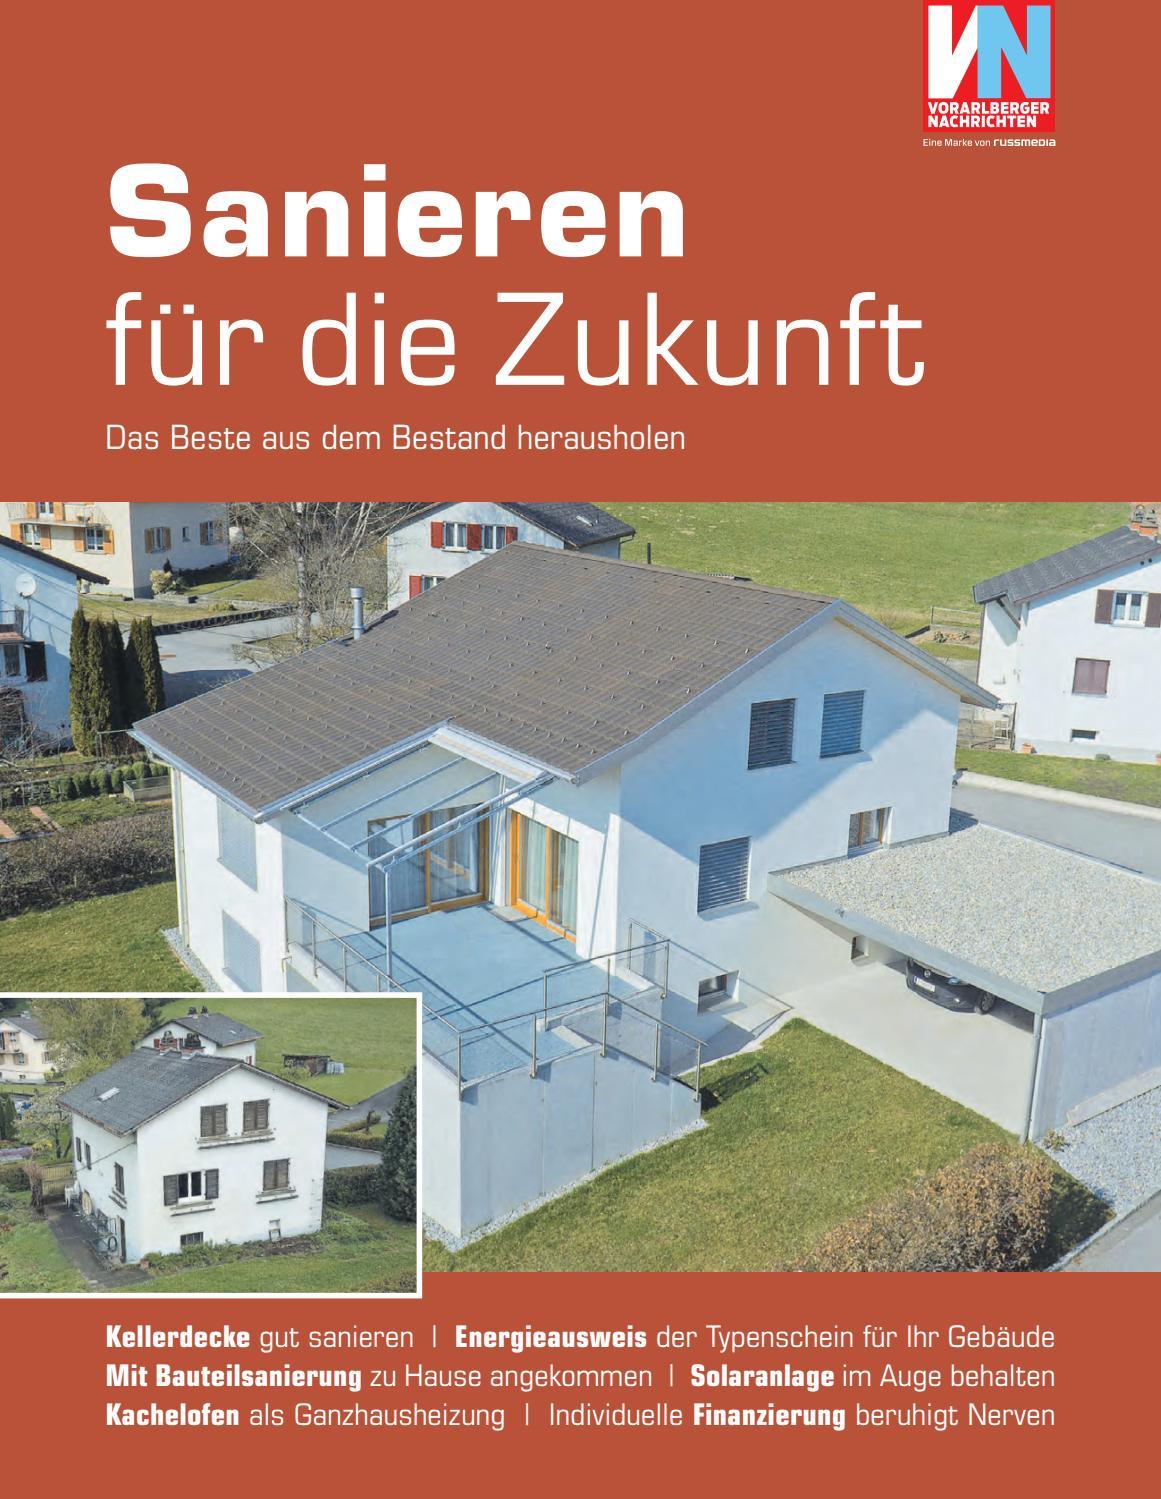 Elegant 2017 03 25 Sanieren Für Die Zukunft By Russmedia Digital GmbH   Issuu